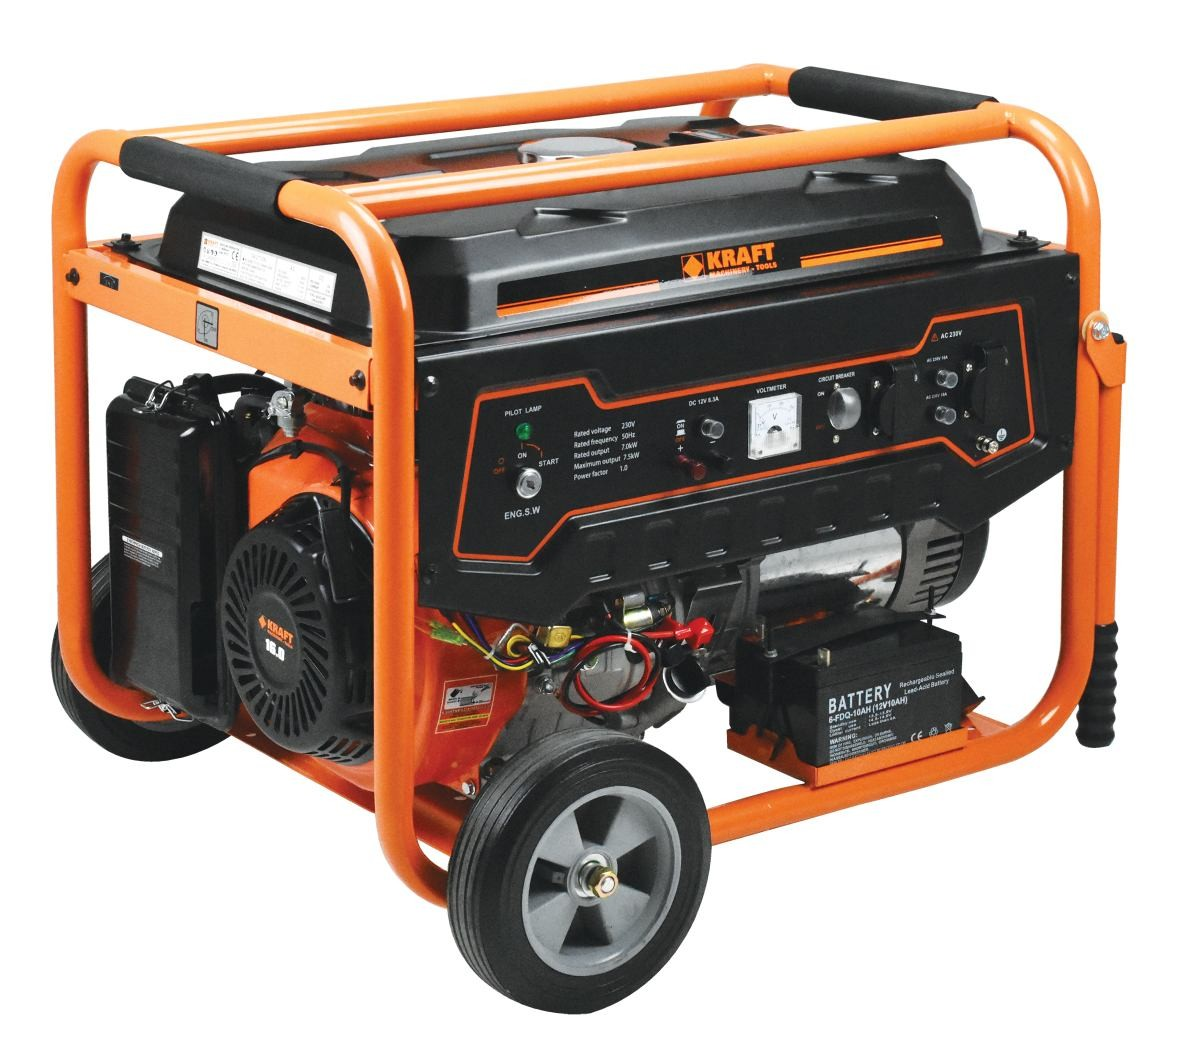 Ηλεκτρογεννήτρια Βενζίνης Kraft LT 9000